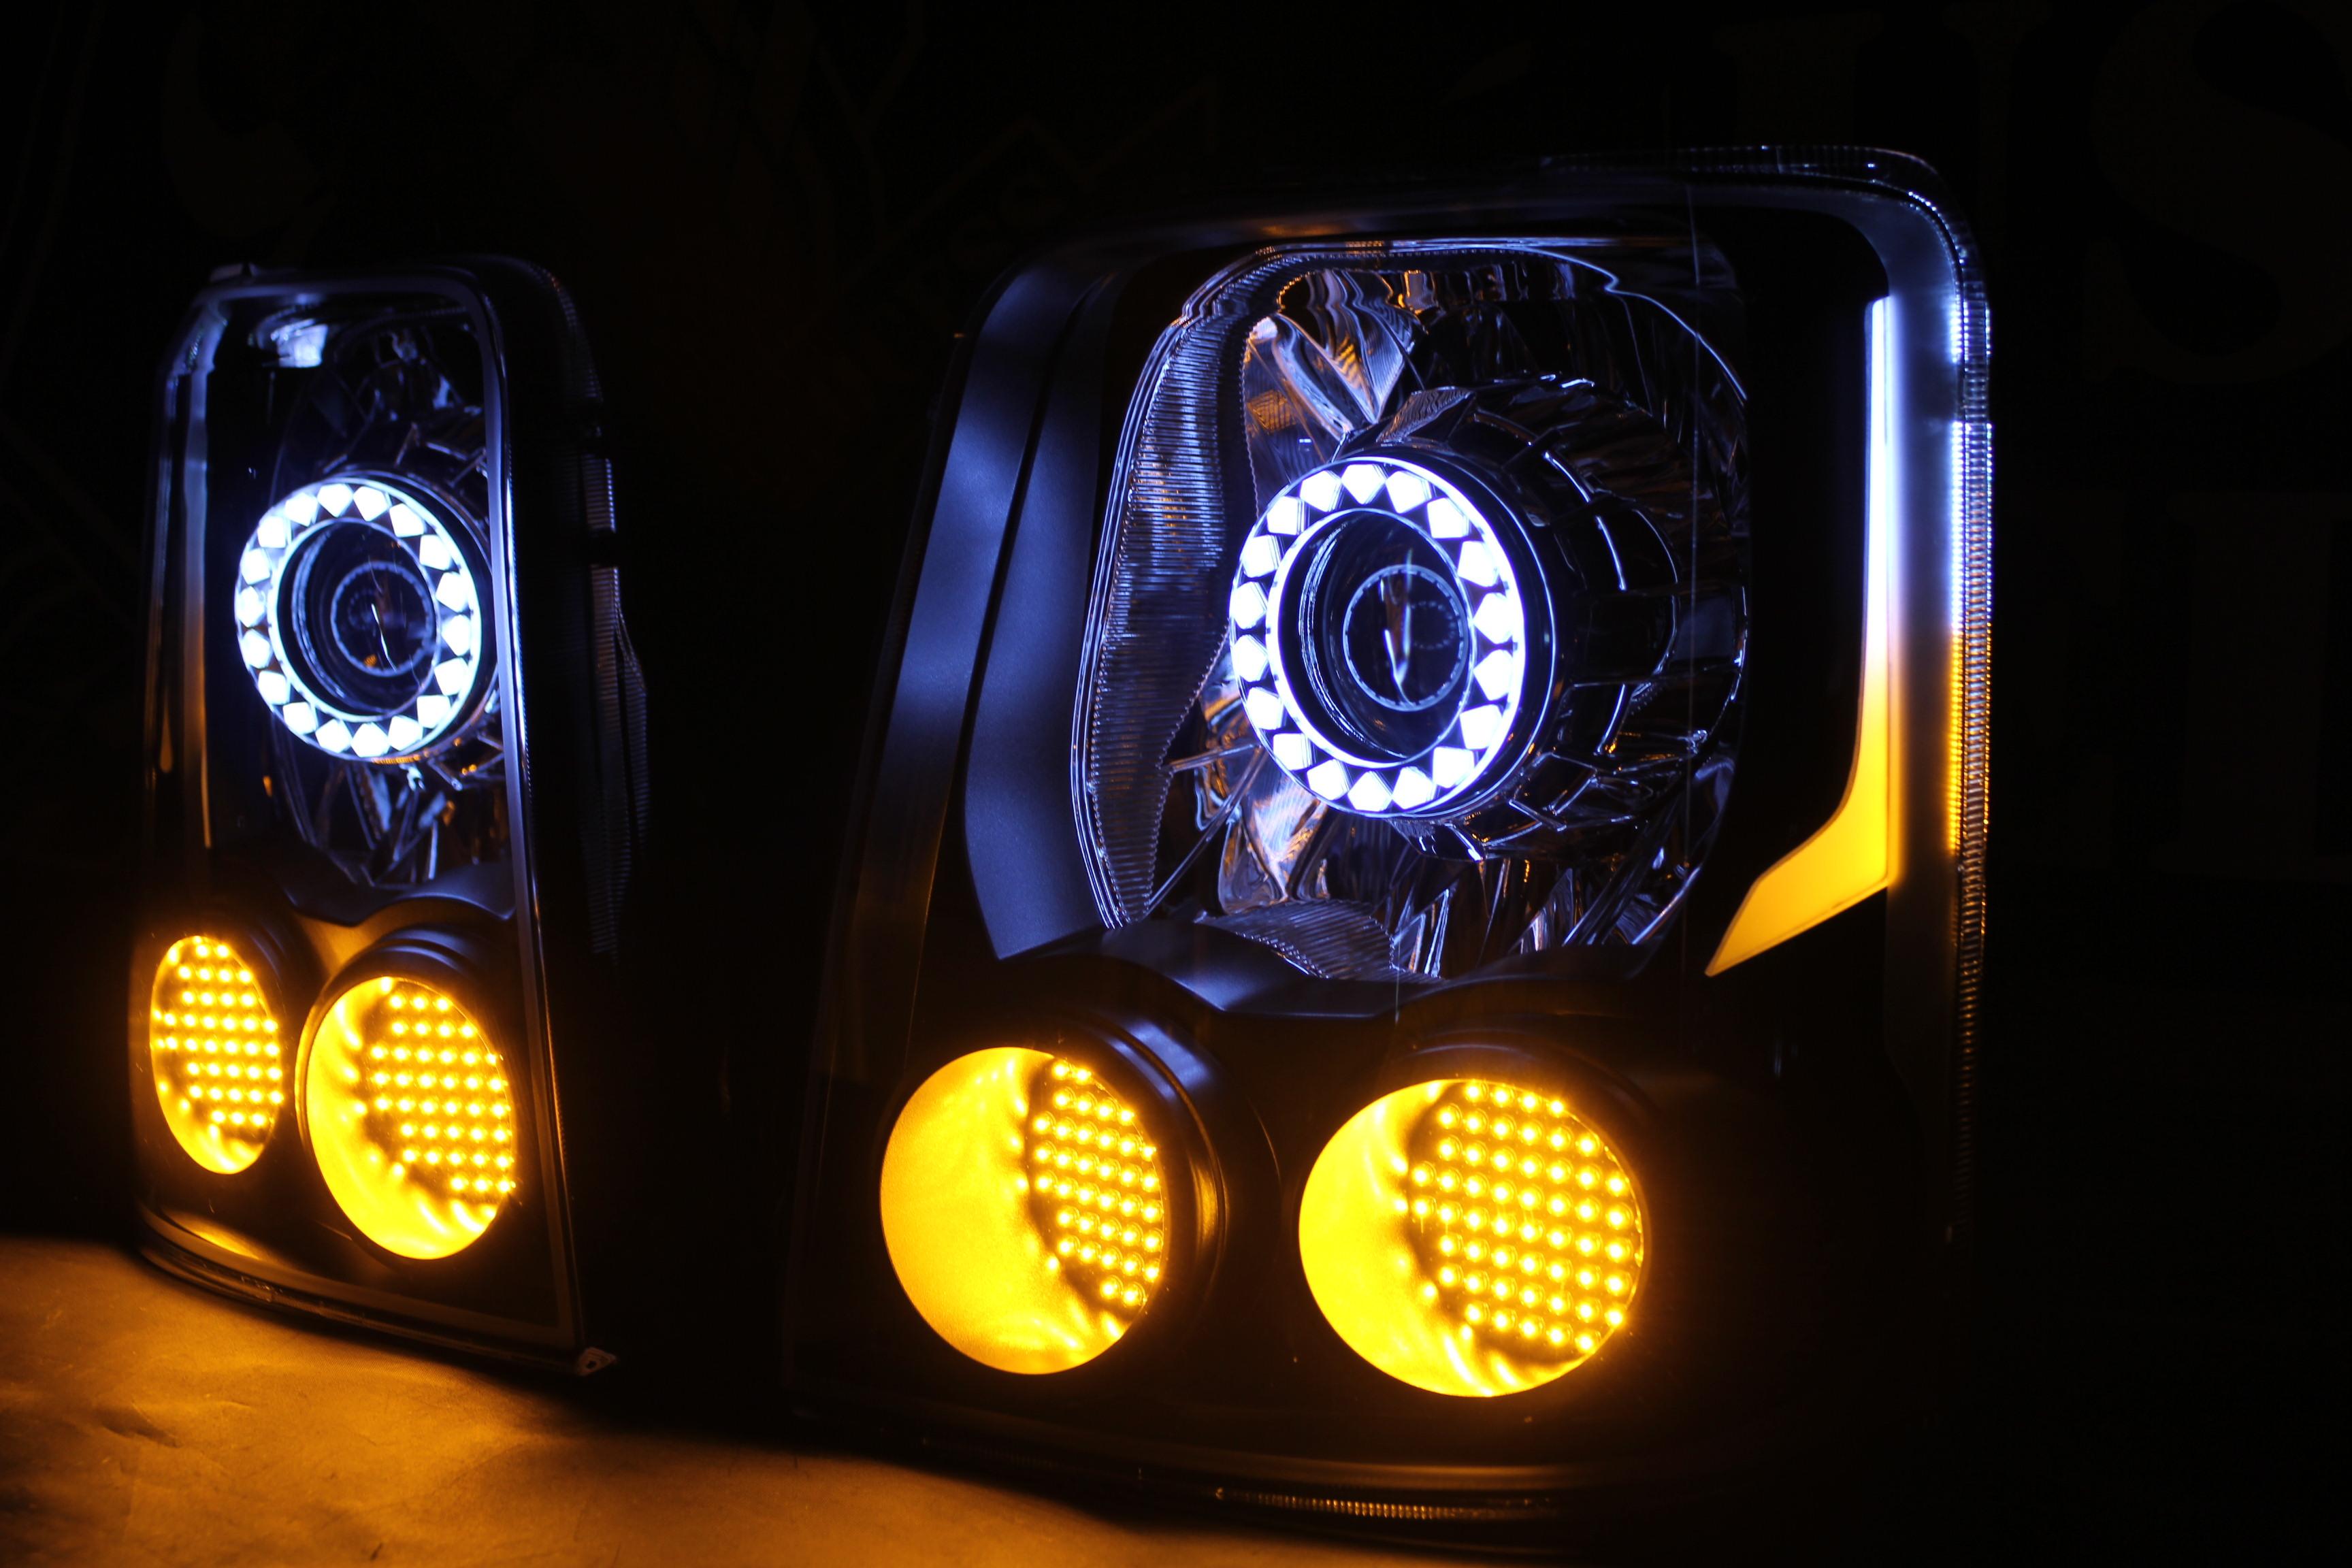 カローラルミオン ヘッドライト加工